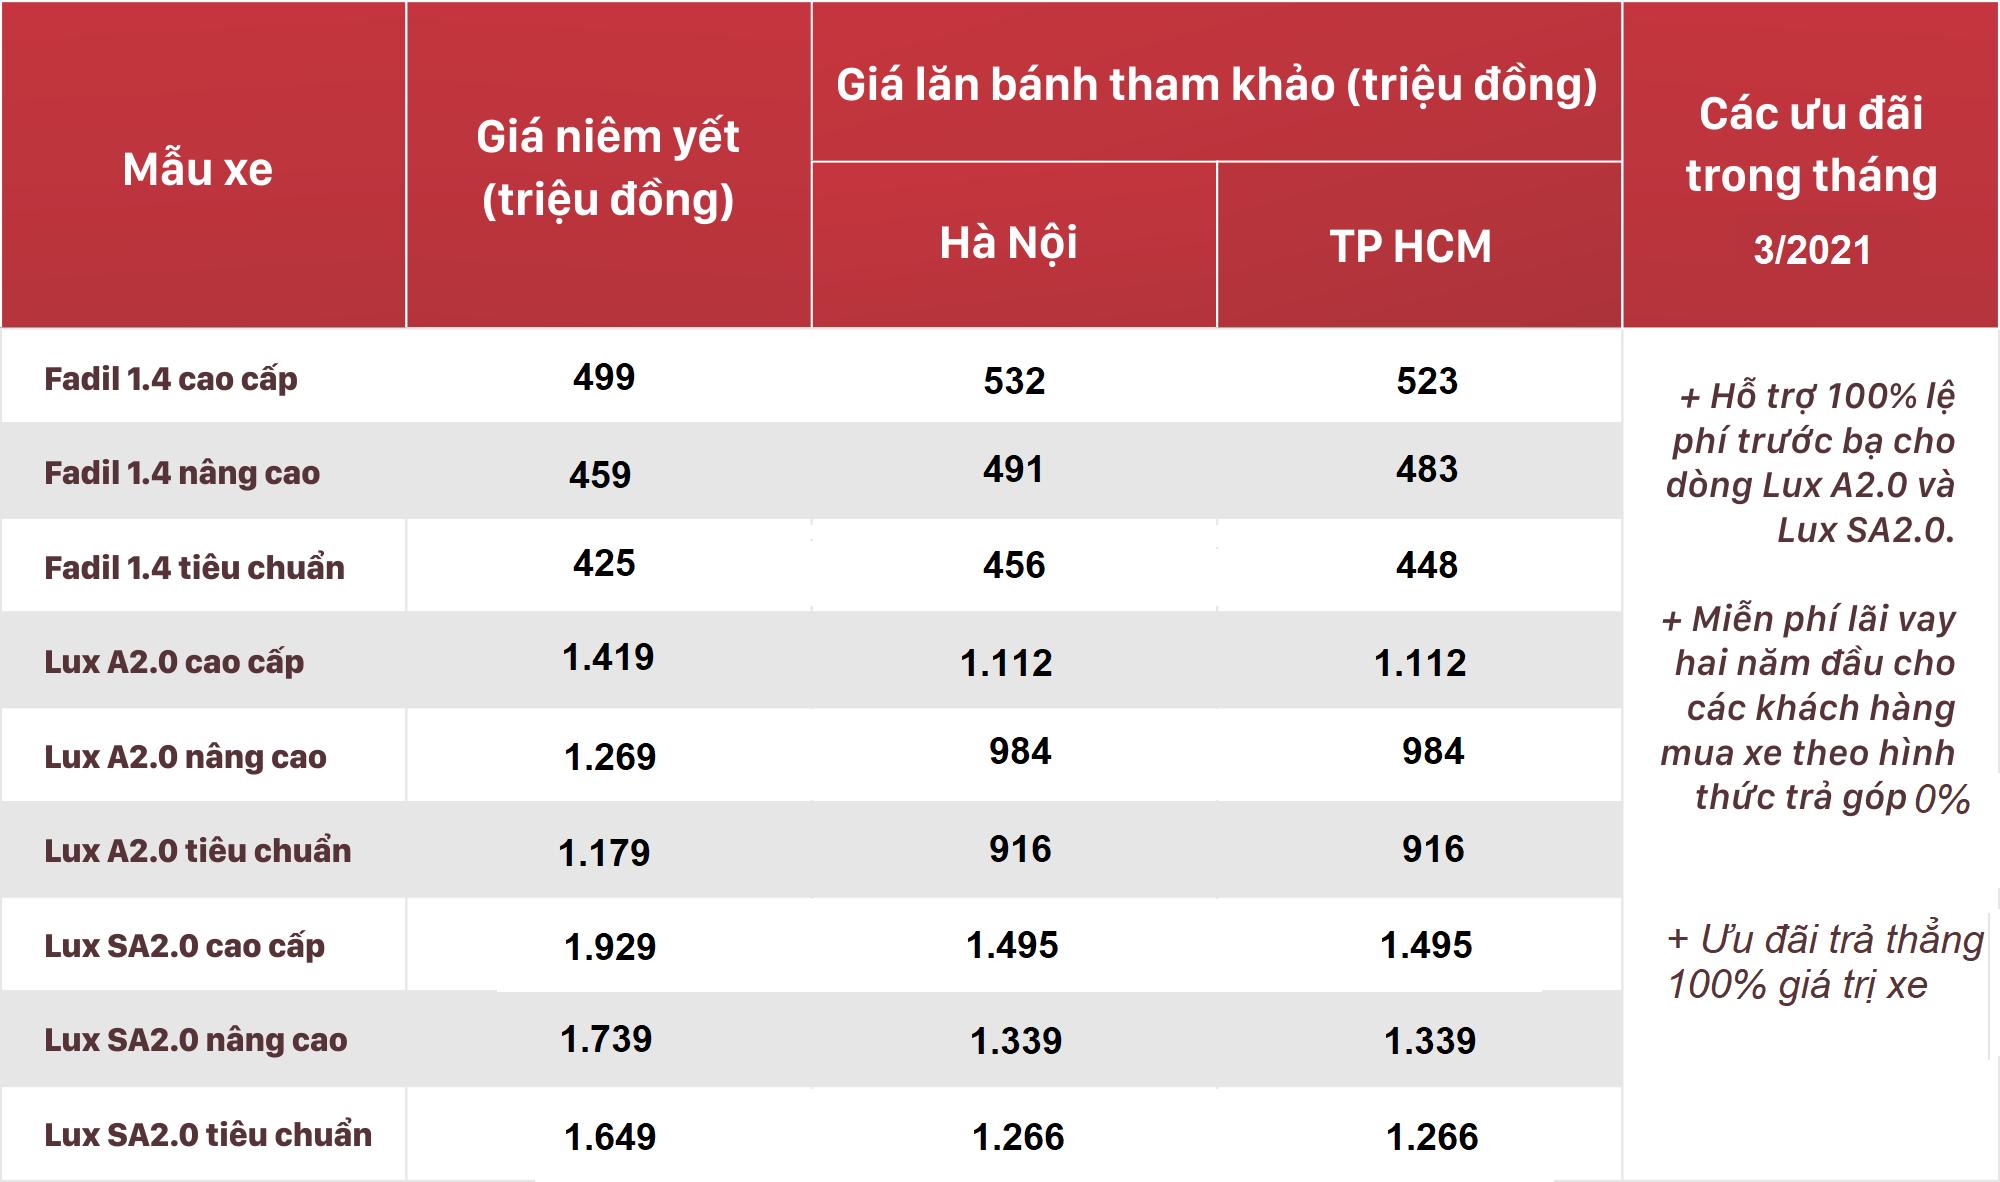 Bảng giá xe VinFast tháng 3/2021: Ưu đãi 100% lệ phí trước bạ tiếp tục duy trì - Ảnh 2.